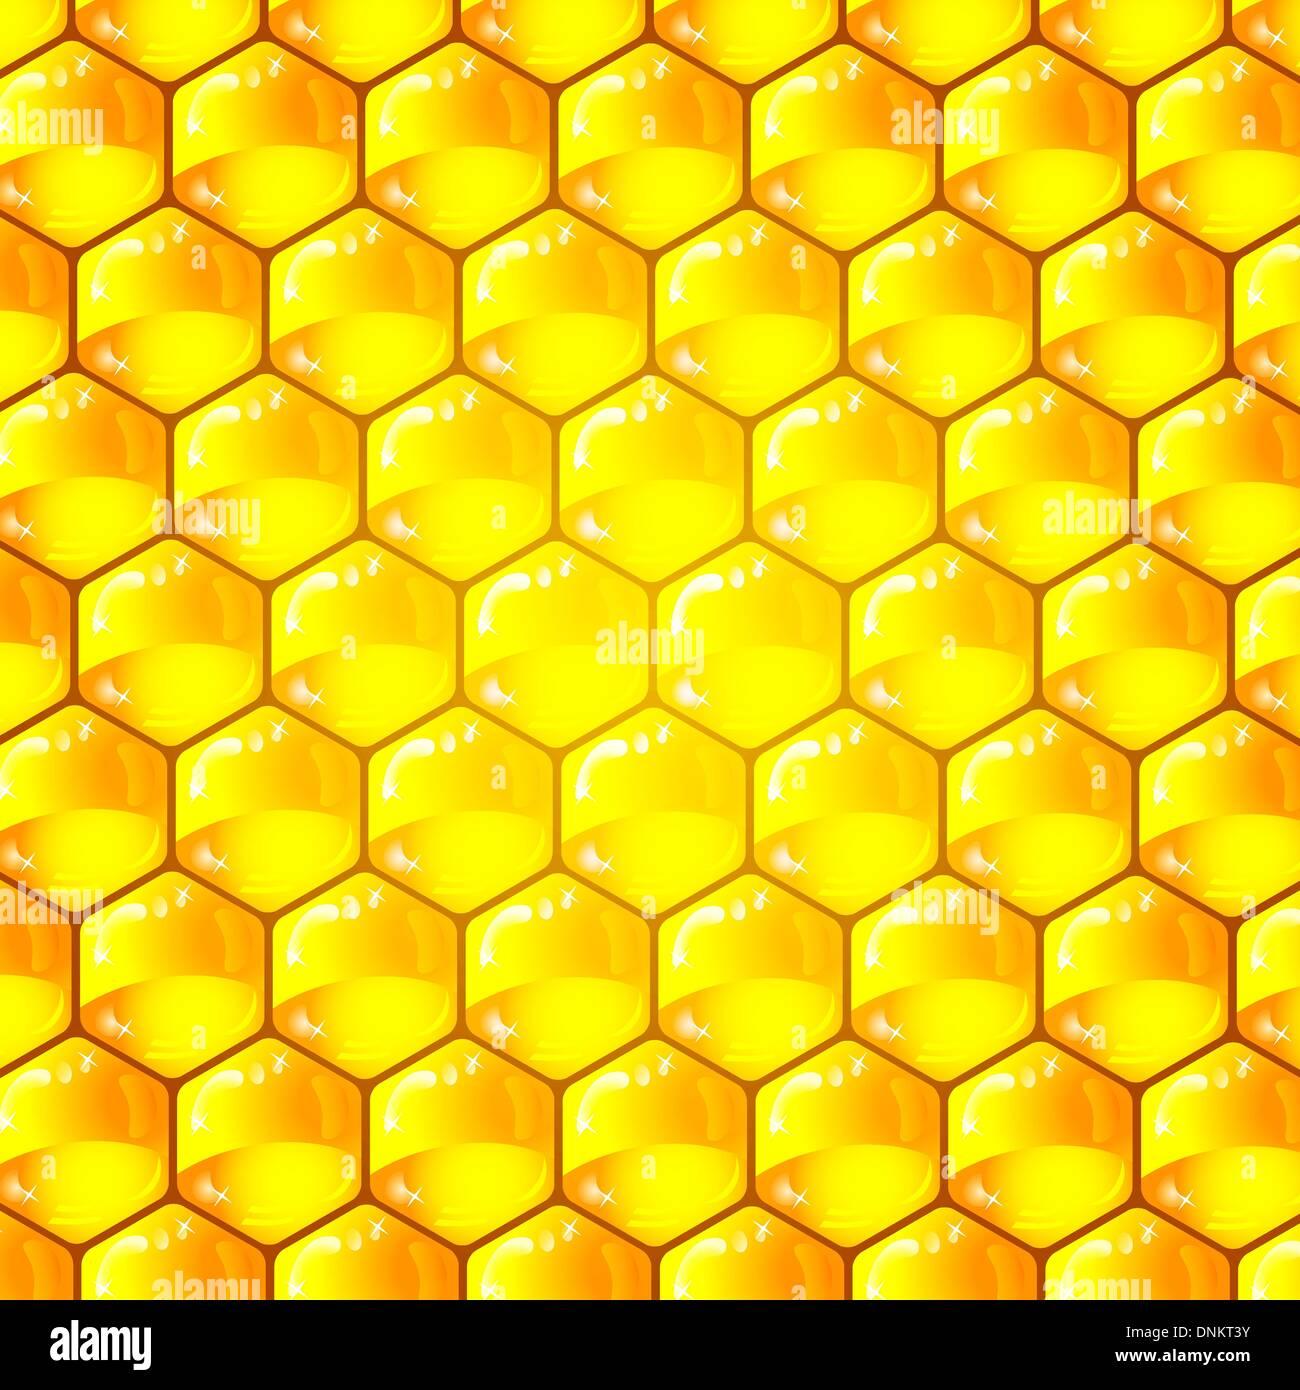 Golden cellule di uno schema a nido d'ape. Illustrazione Vettoriale. Immagini Stock